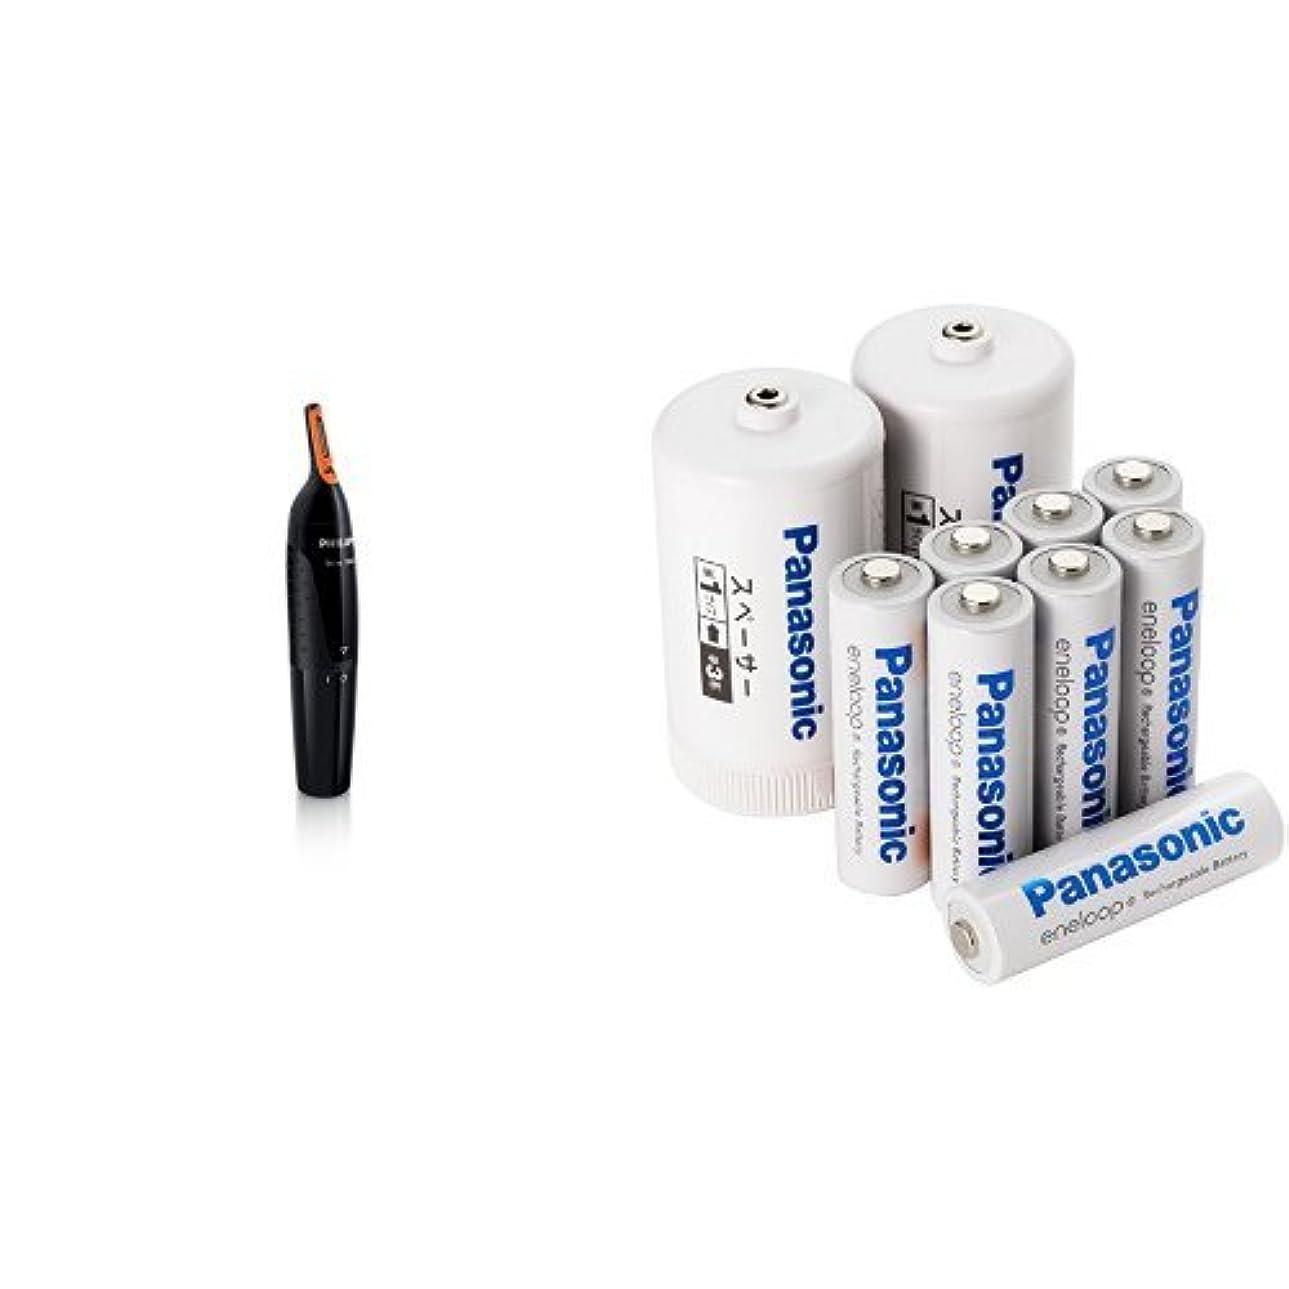 請求書不完全な定義フィリップス 鼻毛/耳毛カッター 本体丸洗い可 NT1152/10 + eneloop 単3形充電池 8本パック BK-3MCC/8FA セット